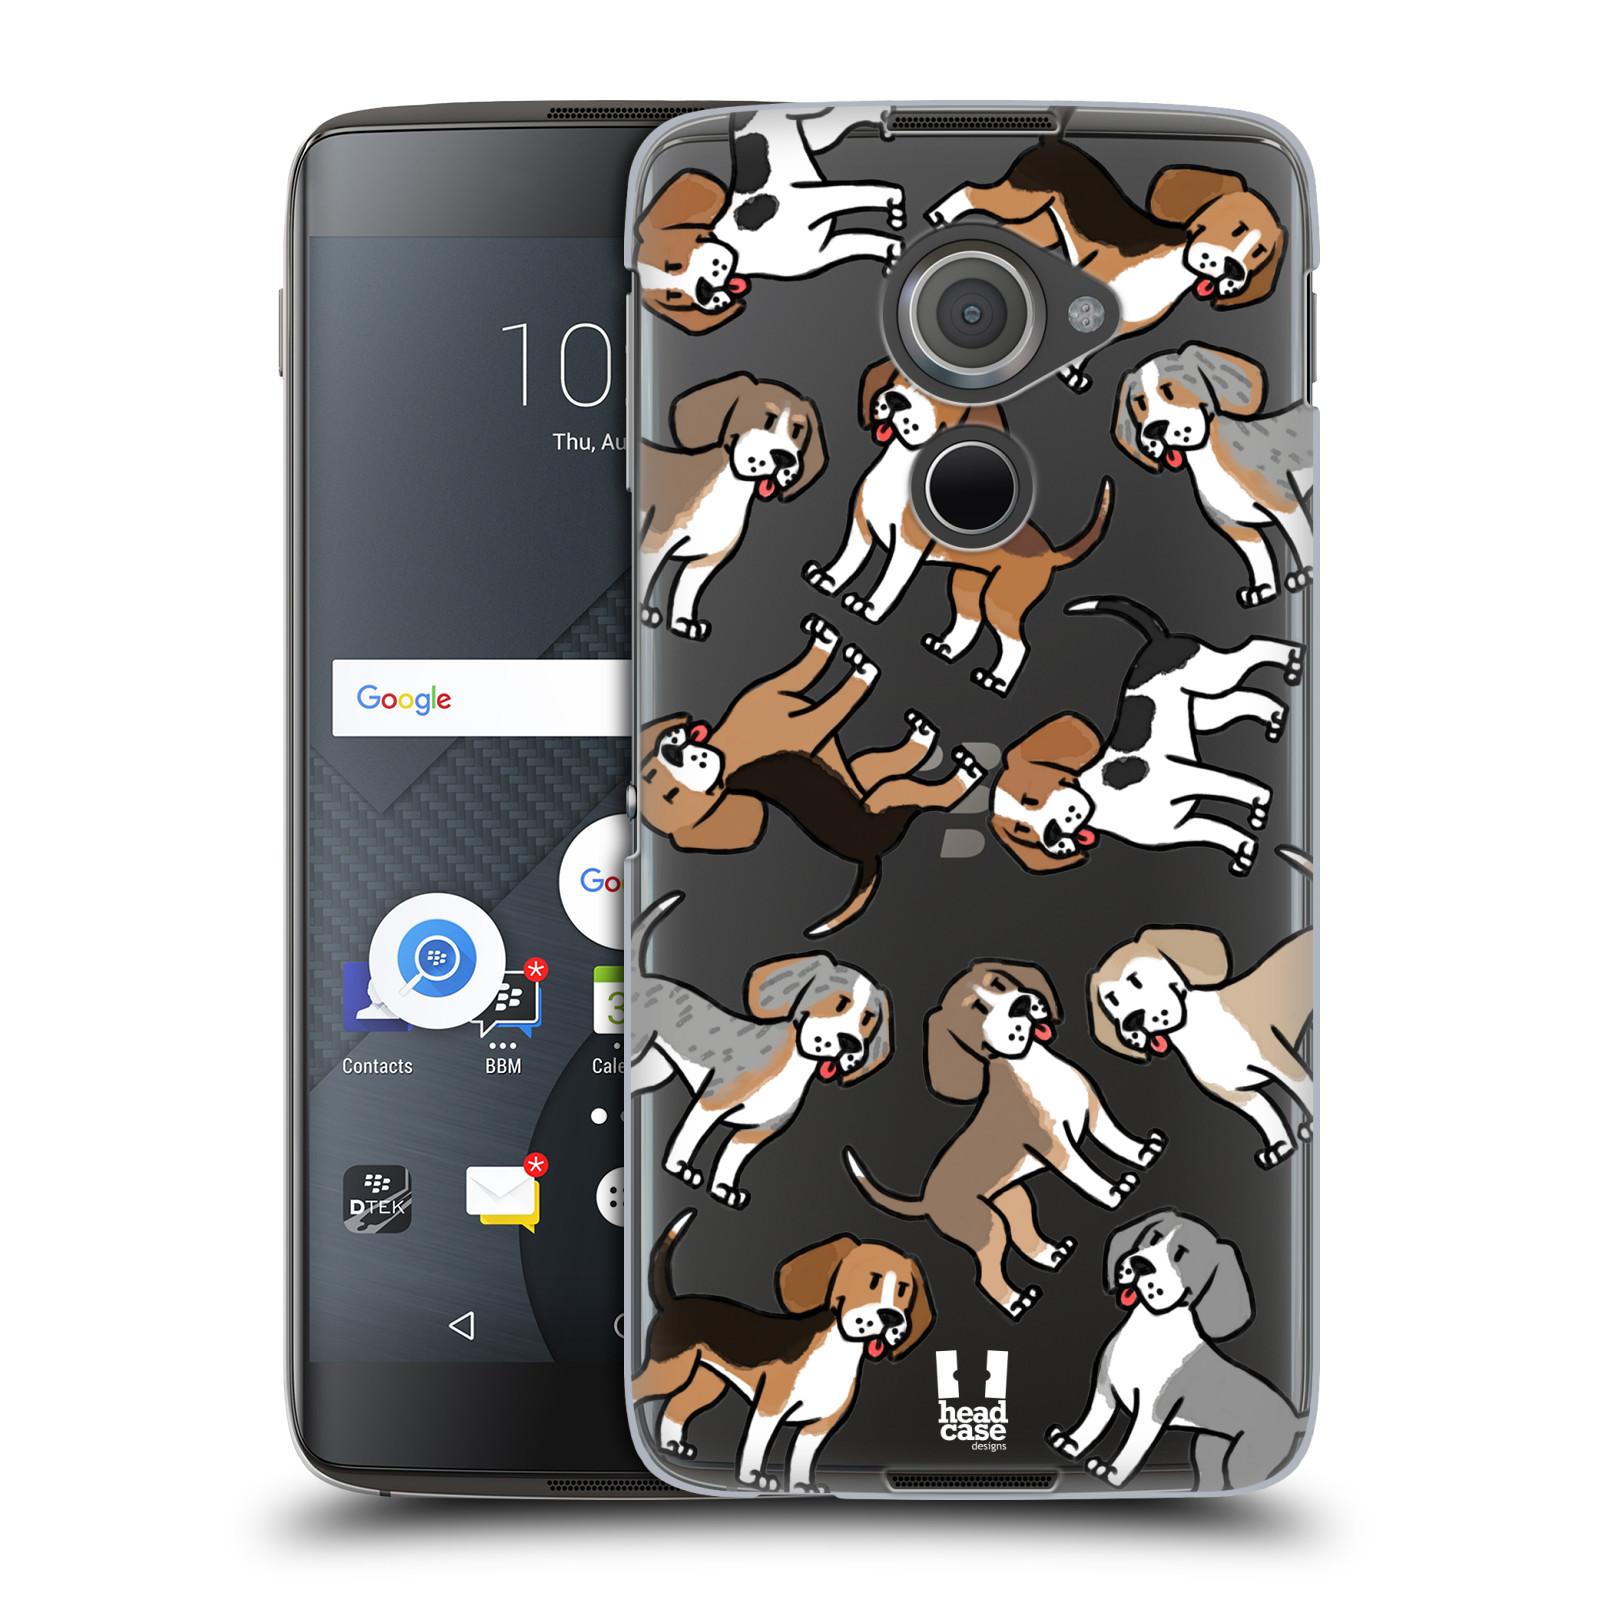 Plastové pouzdro na mobil Blackberry DTEK60 (Argon) - Head Case - Bíglové (Plastový kryt či obal na mobilní telefon s motivem bígla pro Blackberry DTEK60 (Argon))